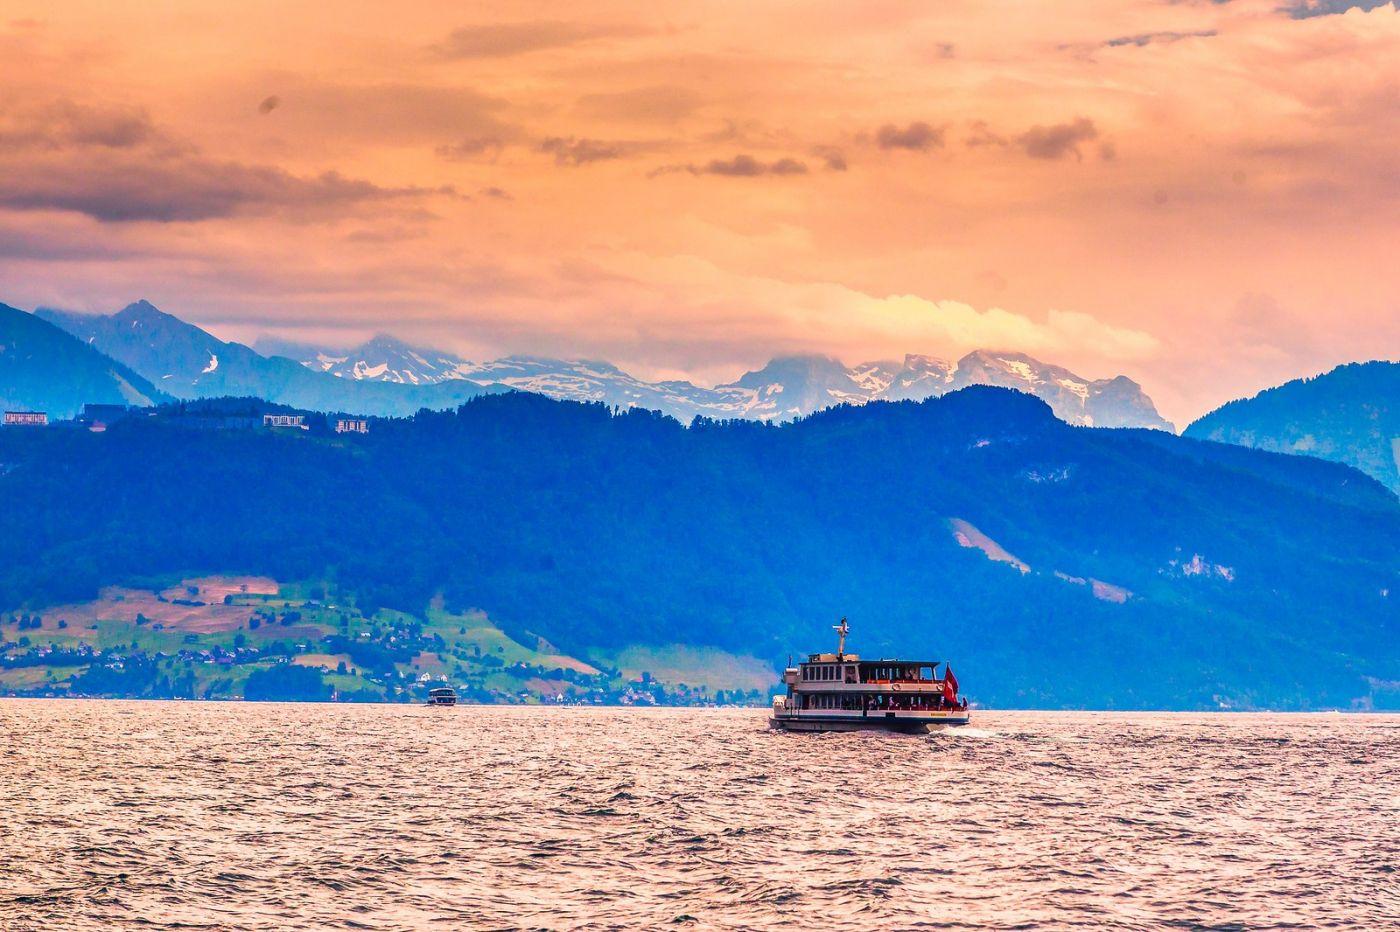 瑞士卢塞恩(Lucerne),浪漫的晚霞_图1-18